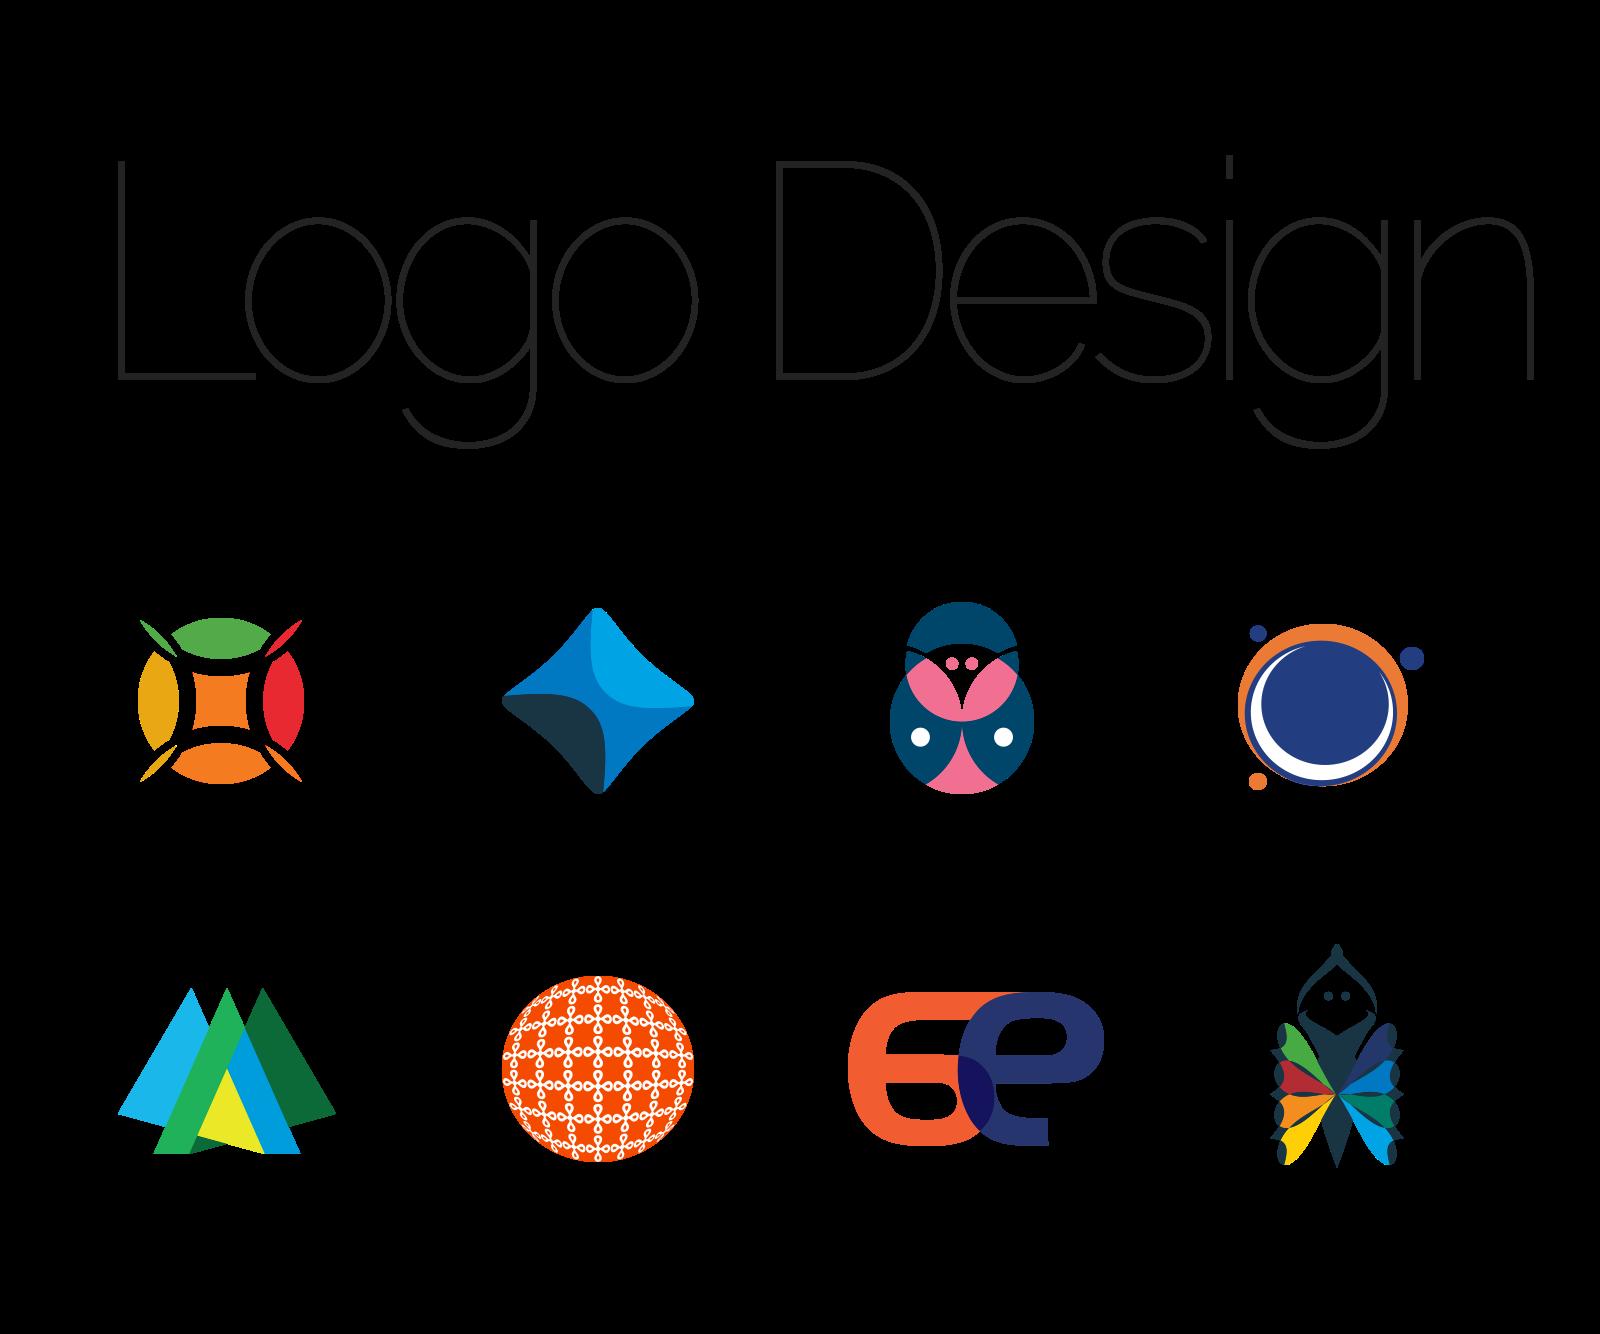 طراحی لوگو صنعتی